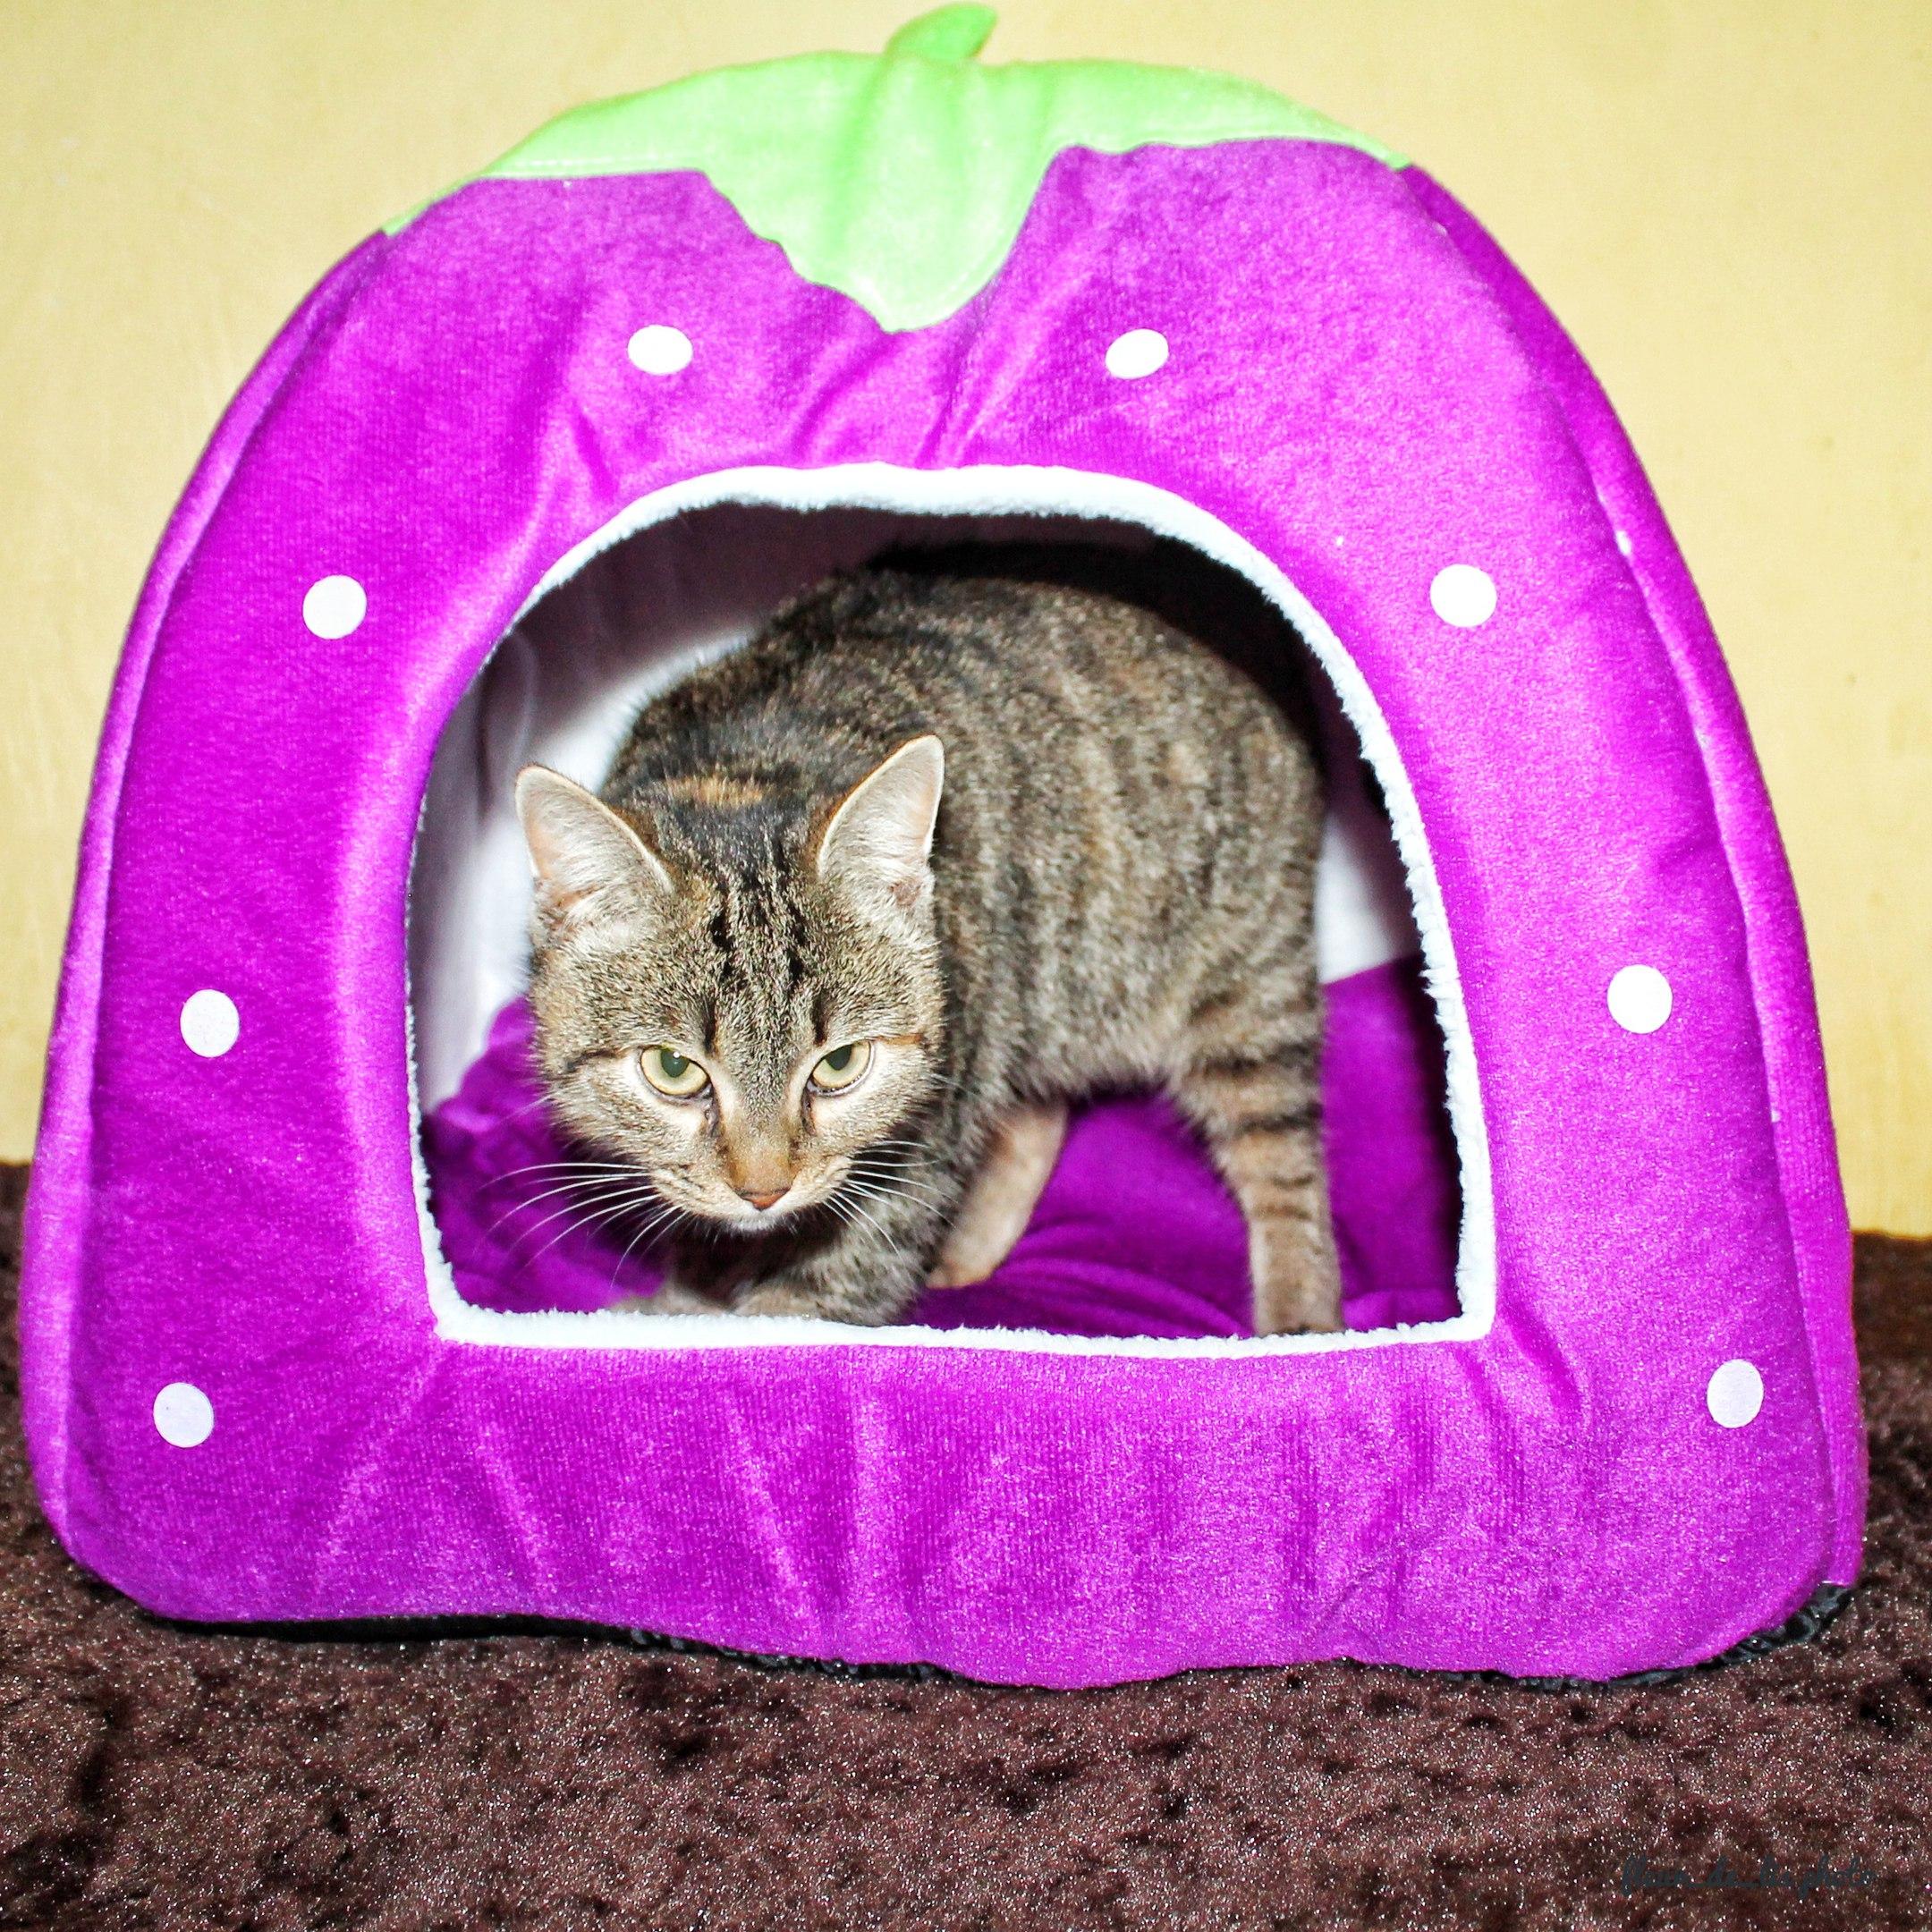 Программа доступное жилье интересует Заходите в пост расскажу как приобрести квартиру-студию Ну да для кошек ну или небо